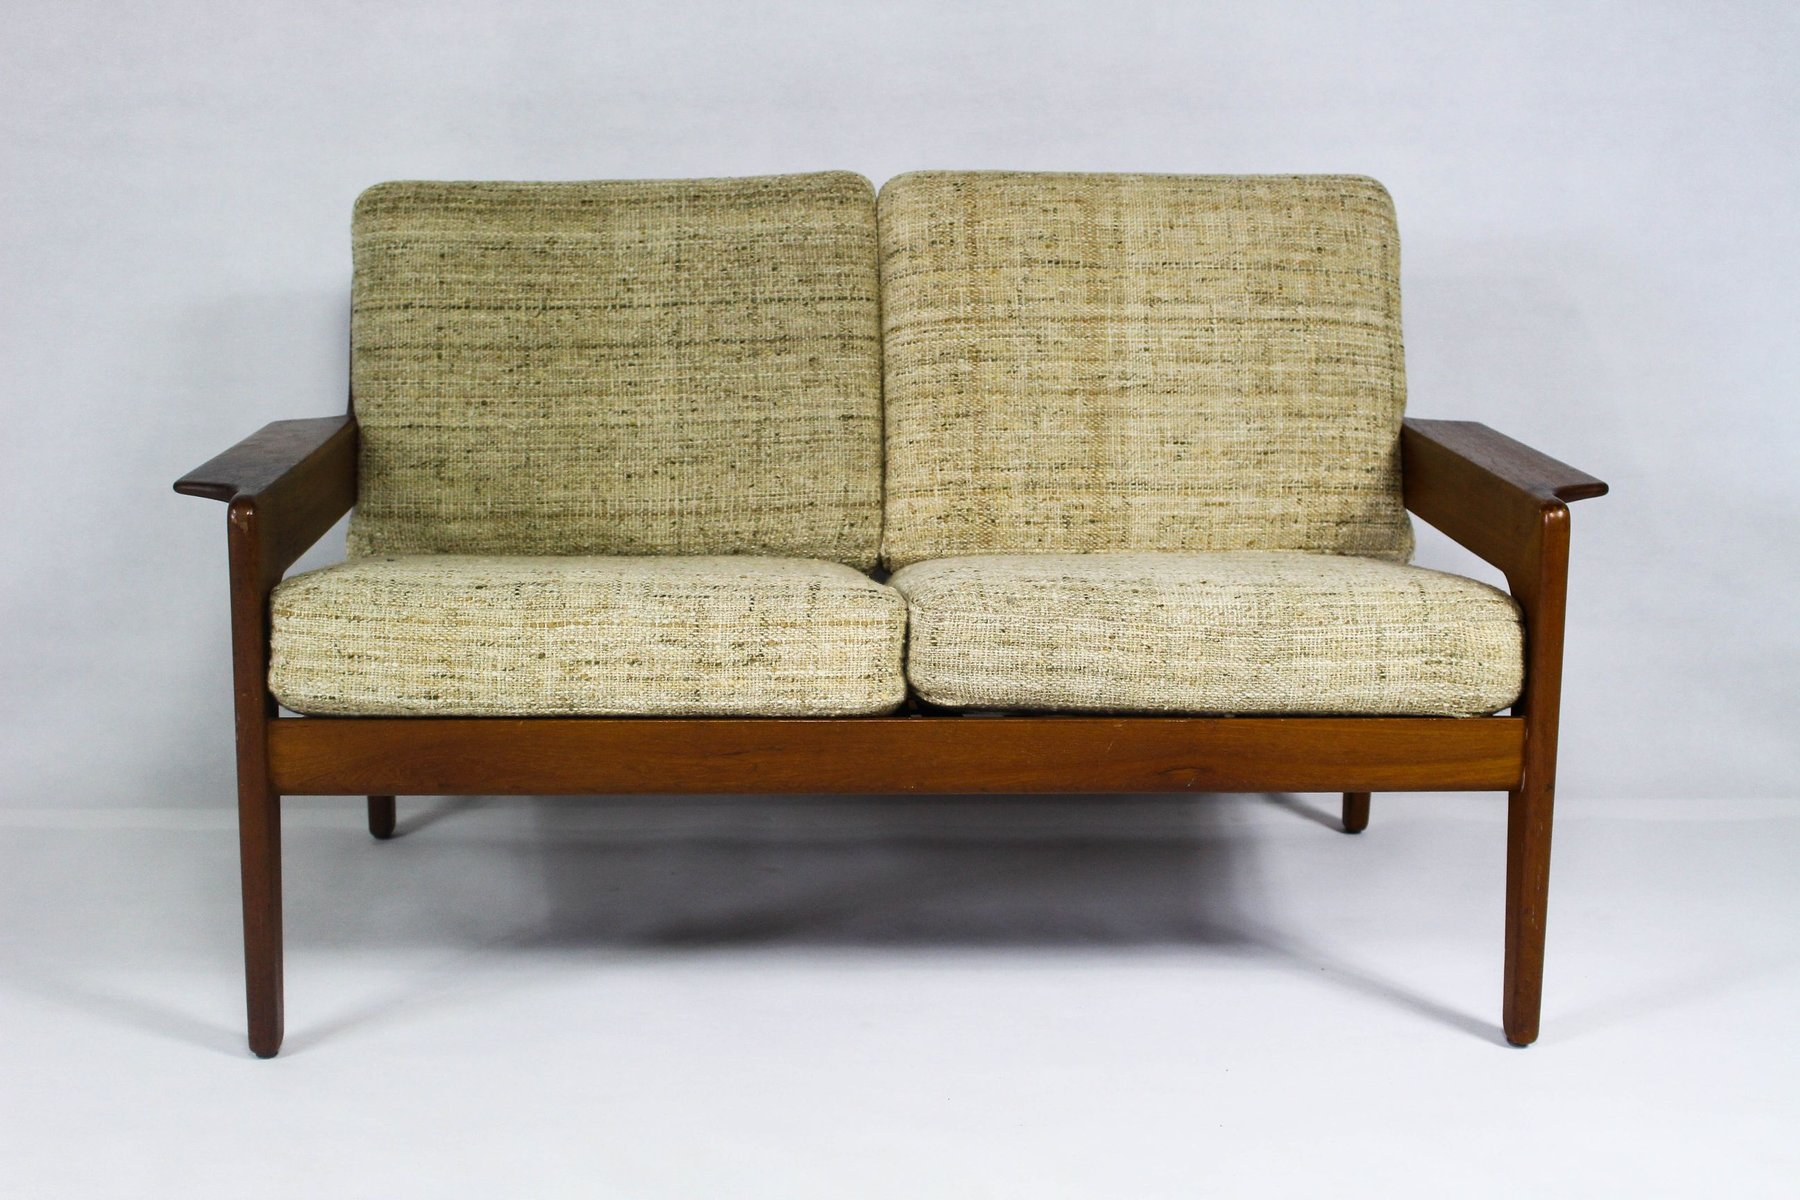 vintage danish beige teak sofa by arne wahl iversen for. Black Bedroom Furniture Sets. Home Design Ideas